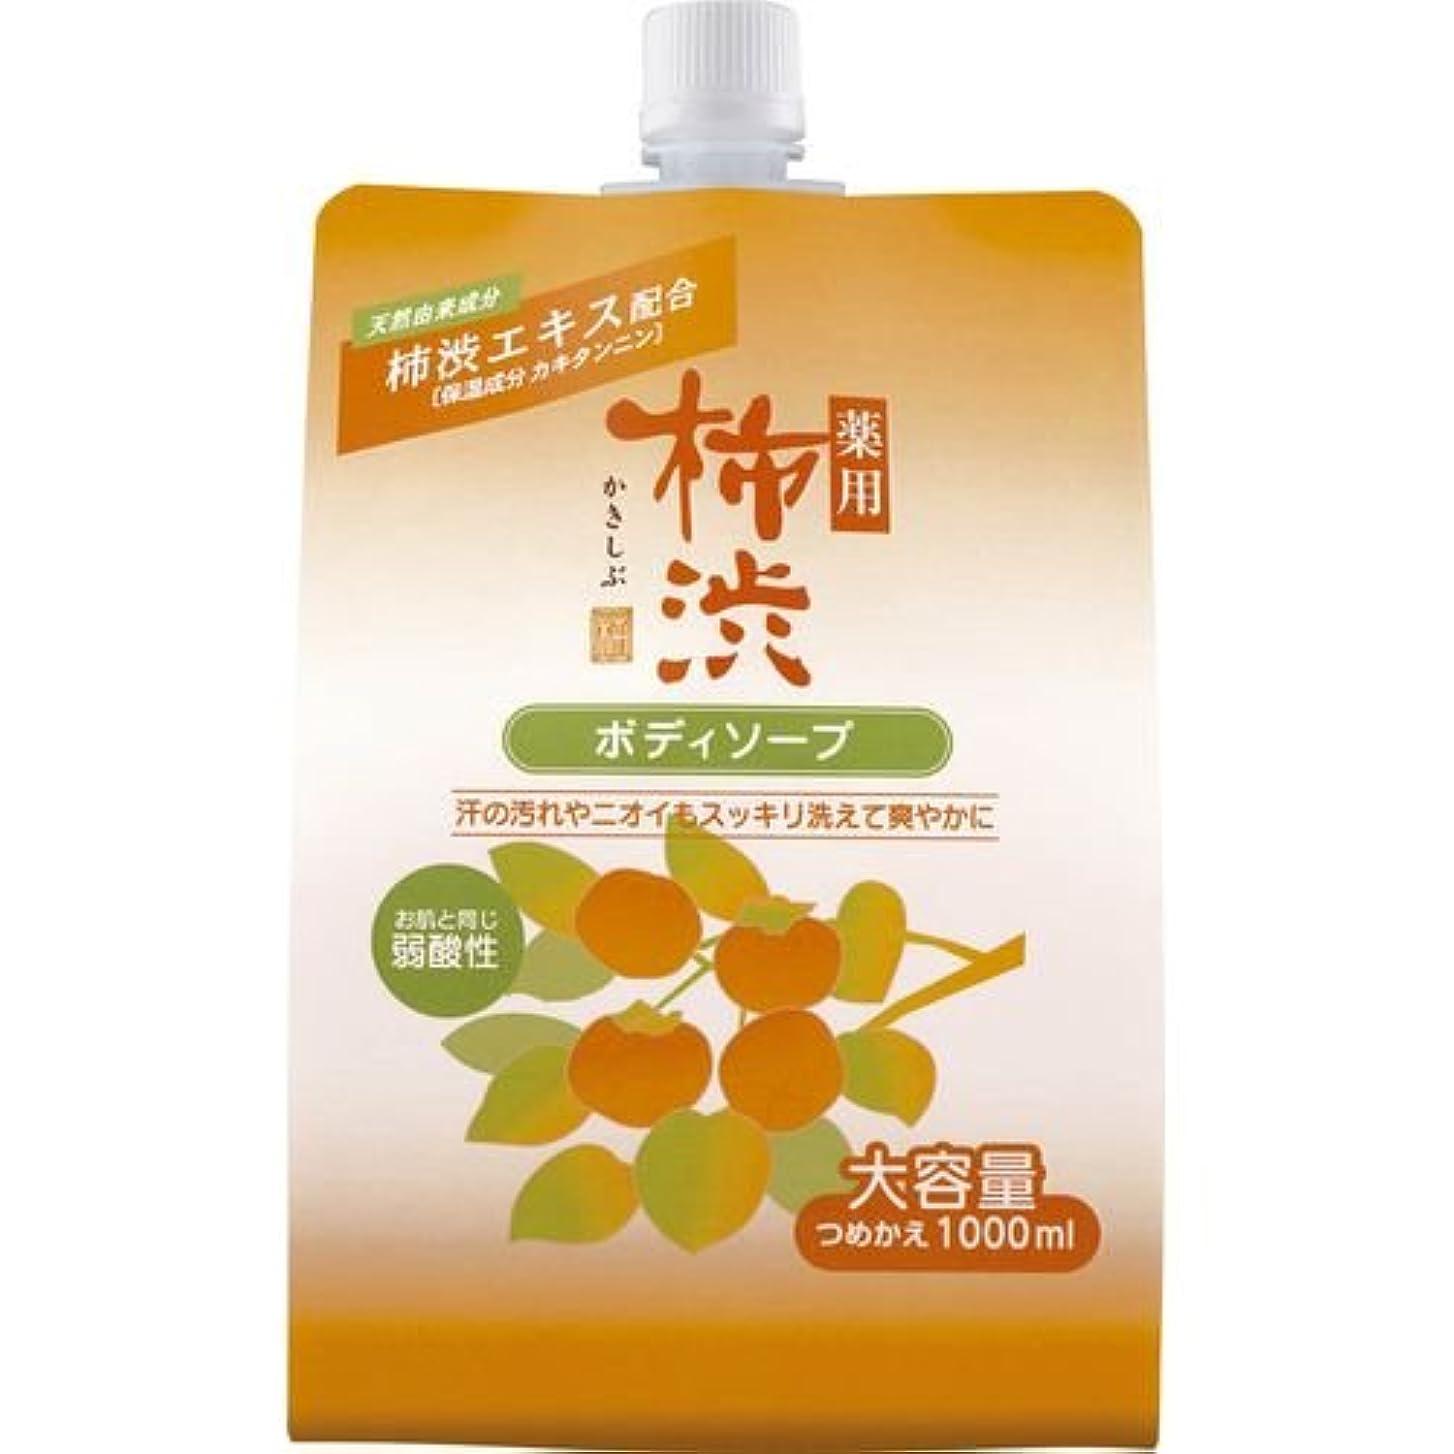 薬用柿渋ボディソープ 詰替用1000ml